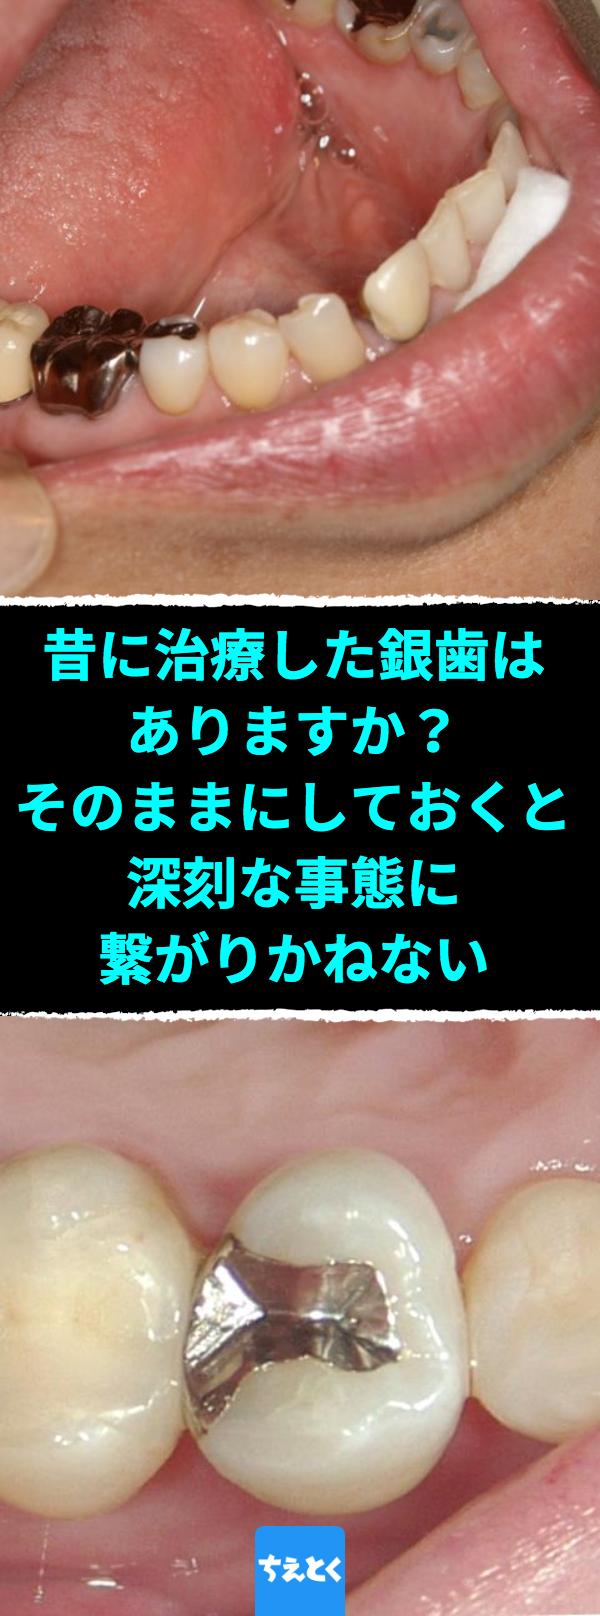 昔に治療した銀歯はありますか そのままにしておくと深刻な事態に